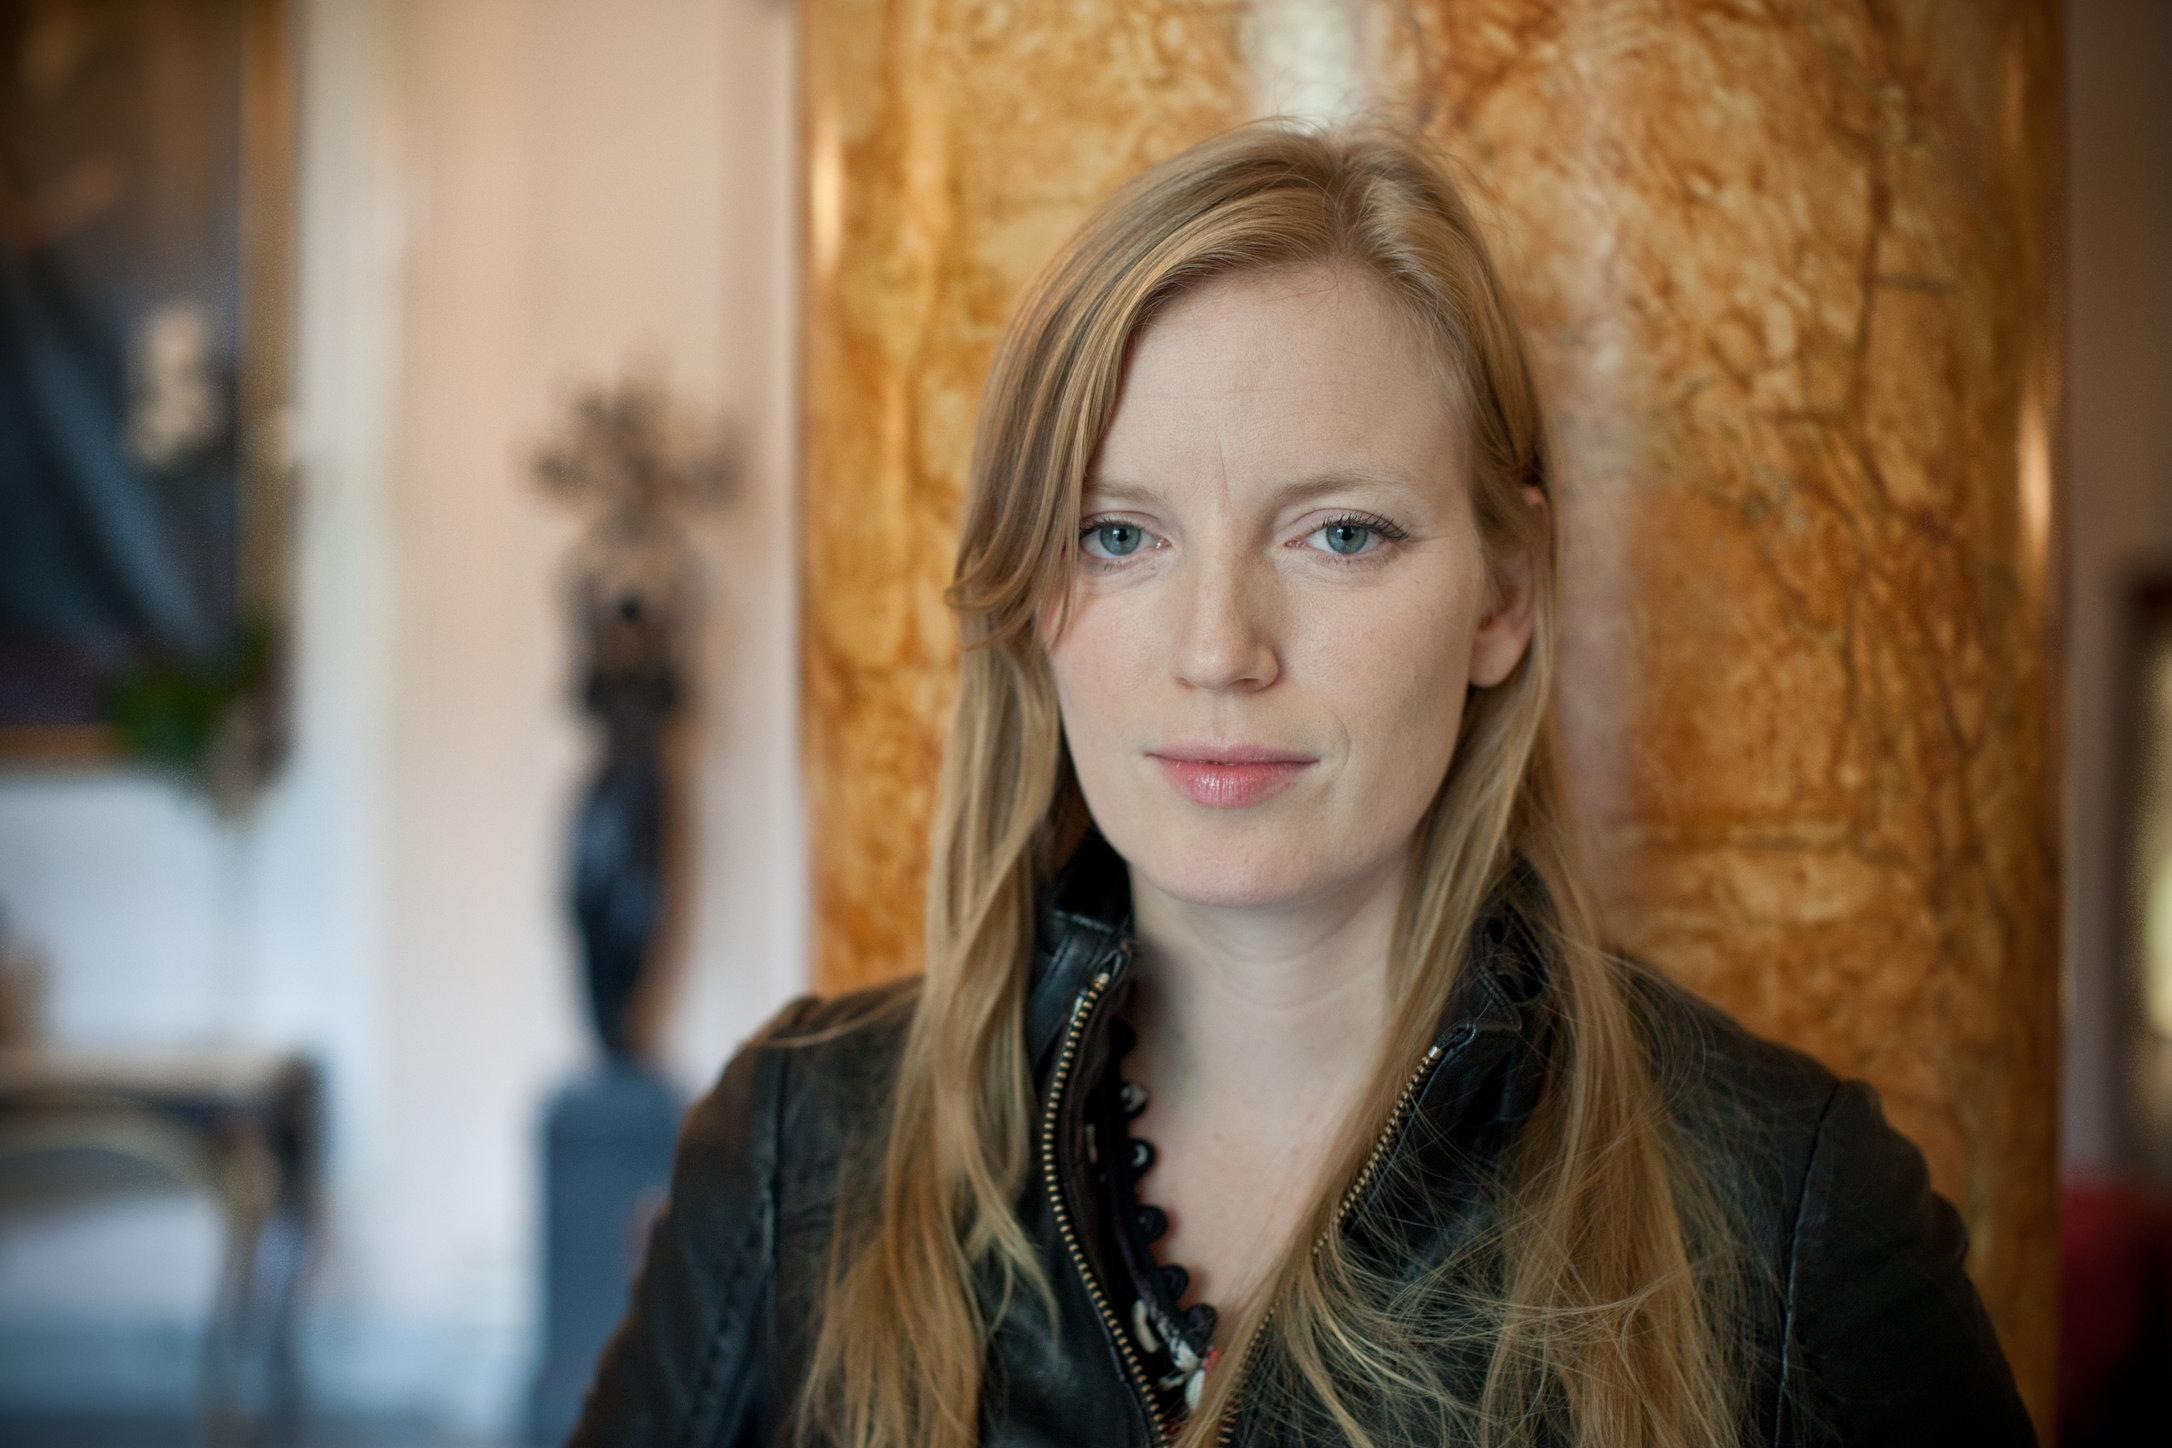 sarah polley, actress and director